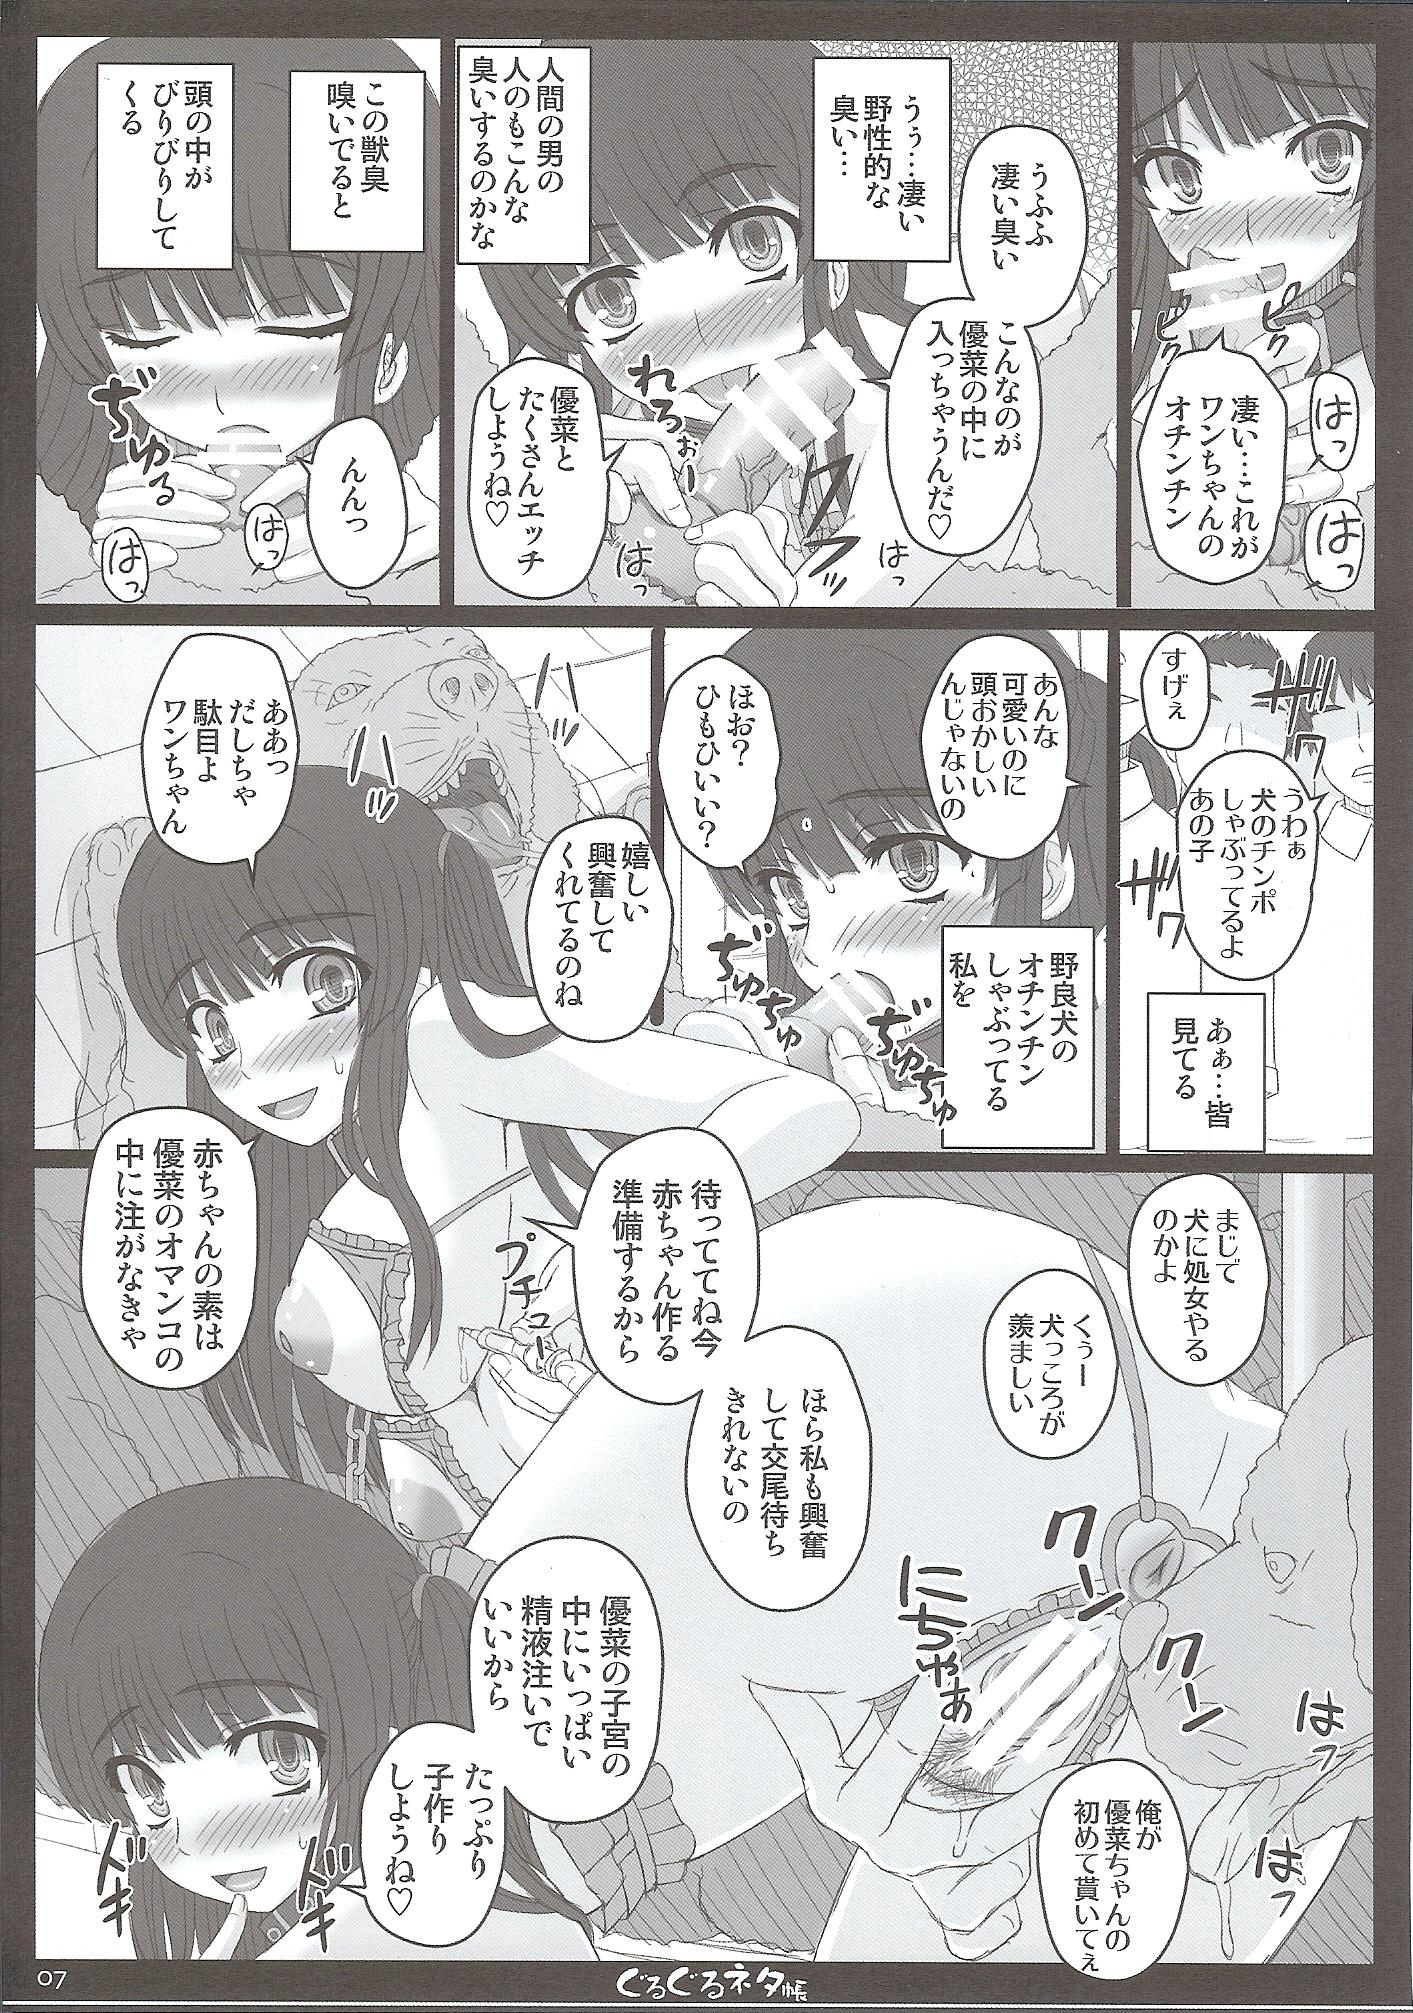 【エロ漫画・エロ同人誌】巨乳女子校生が野良犬とセックスして処女喪失www (6)